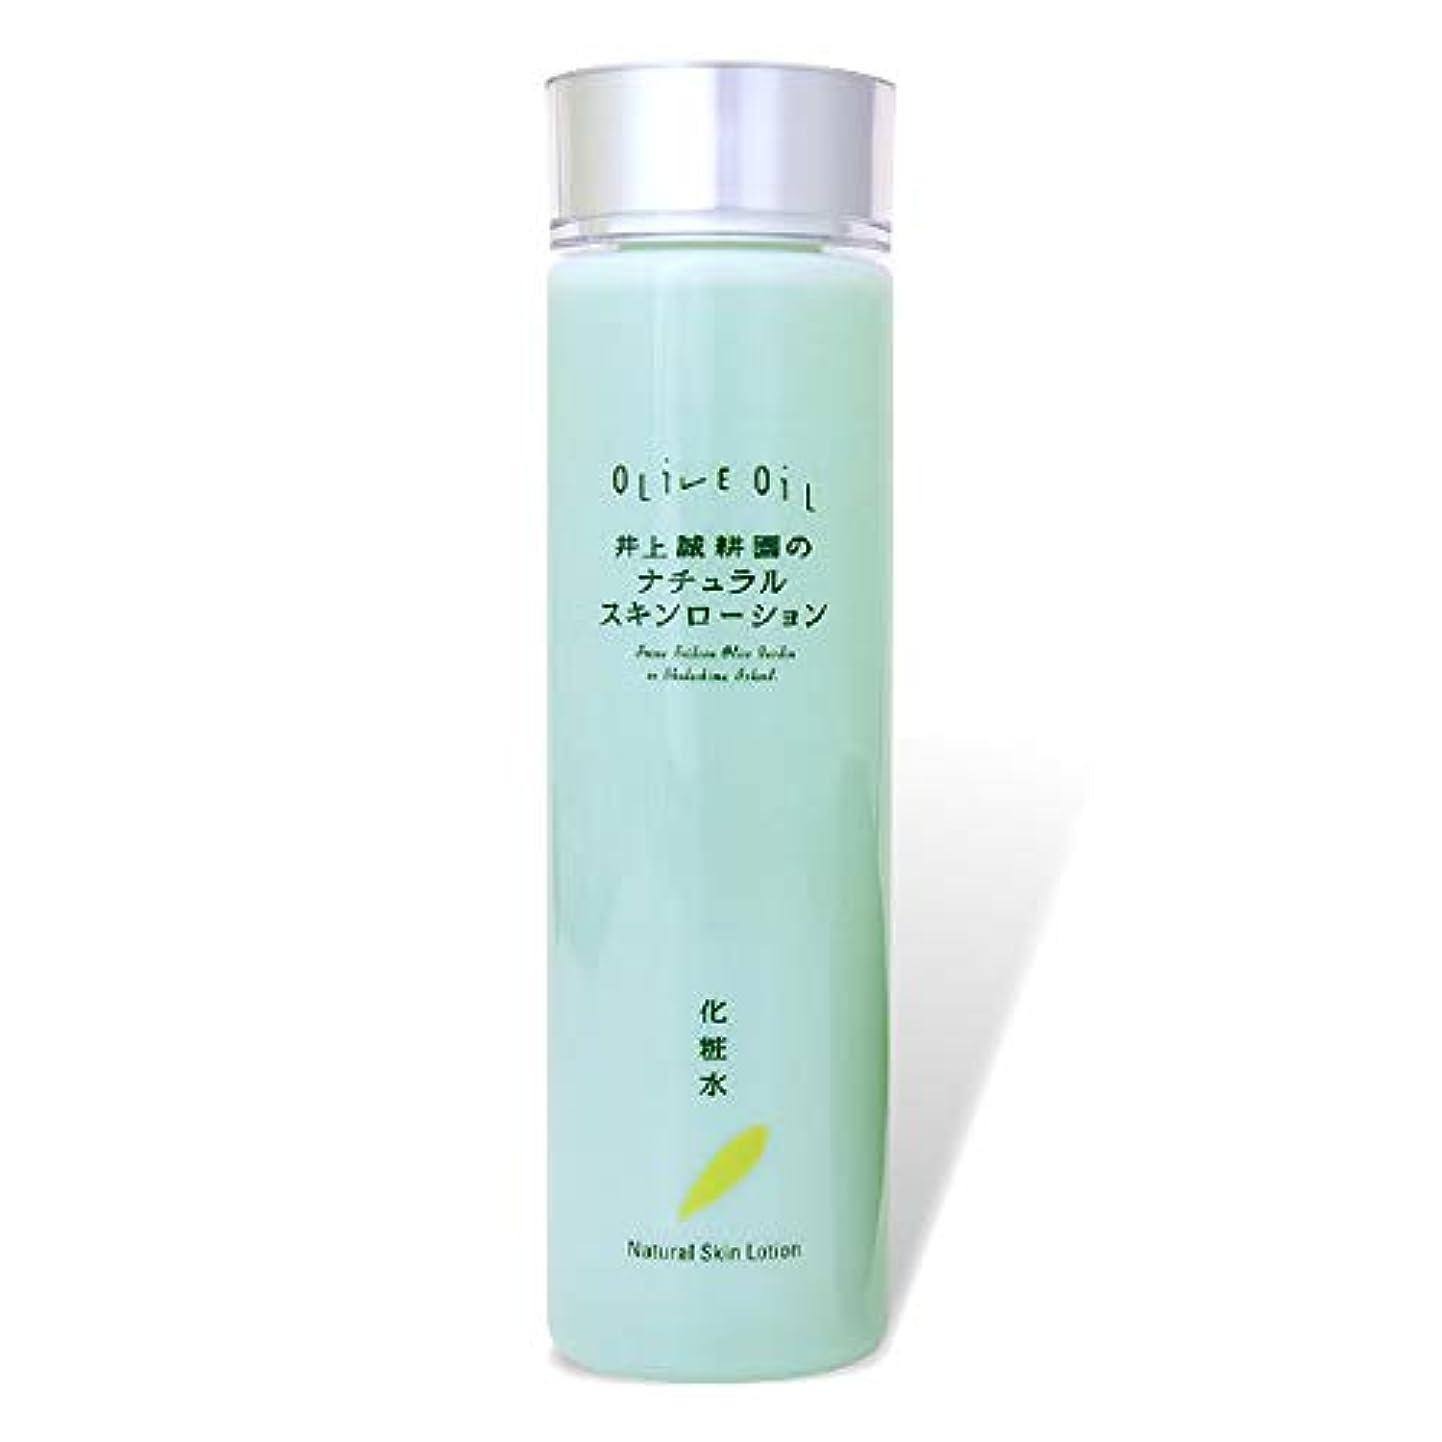 原子無関心講義井上誠耕園 オリーブ化粧水(ナチュラルスキンローション)150mL ×1本